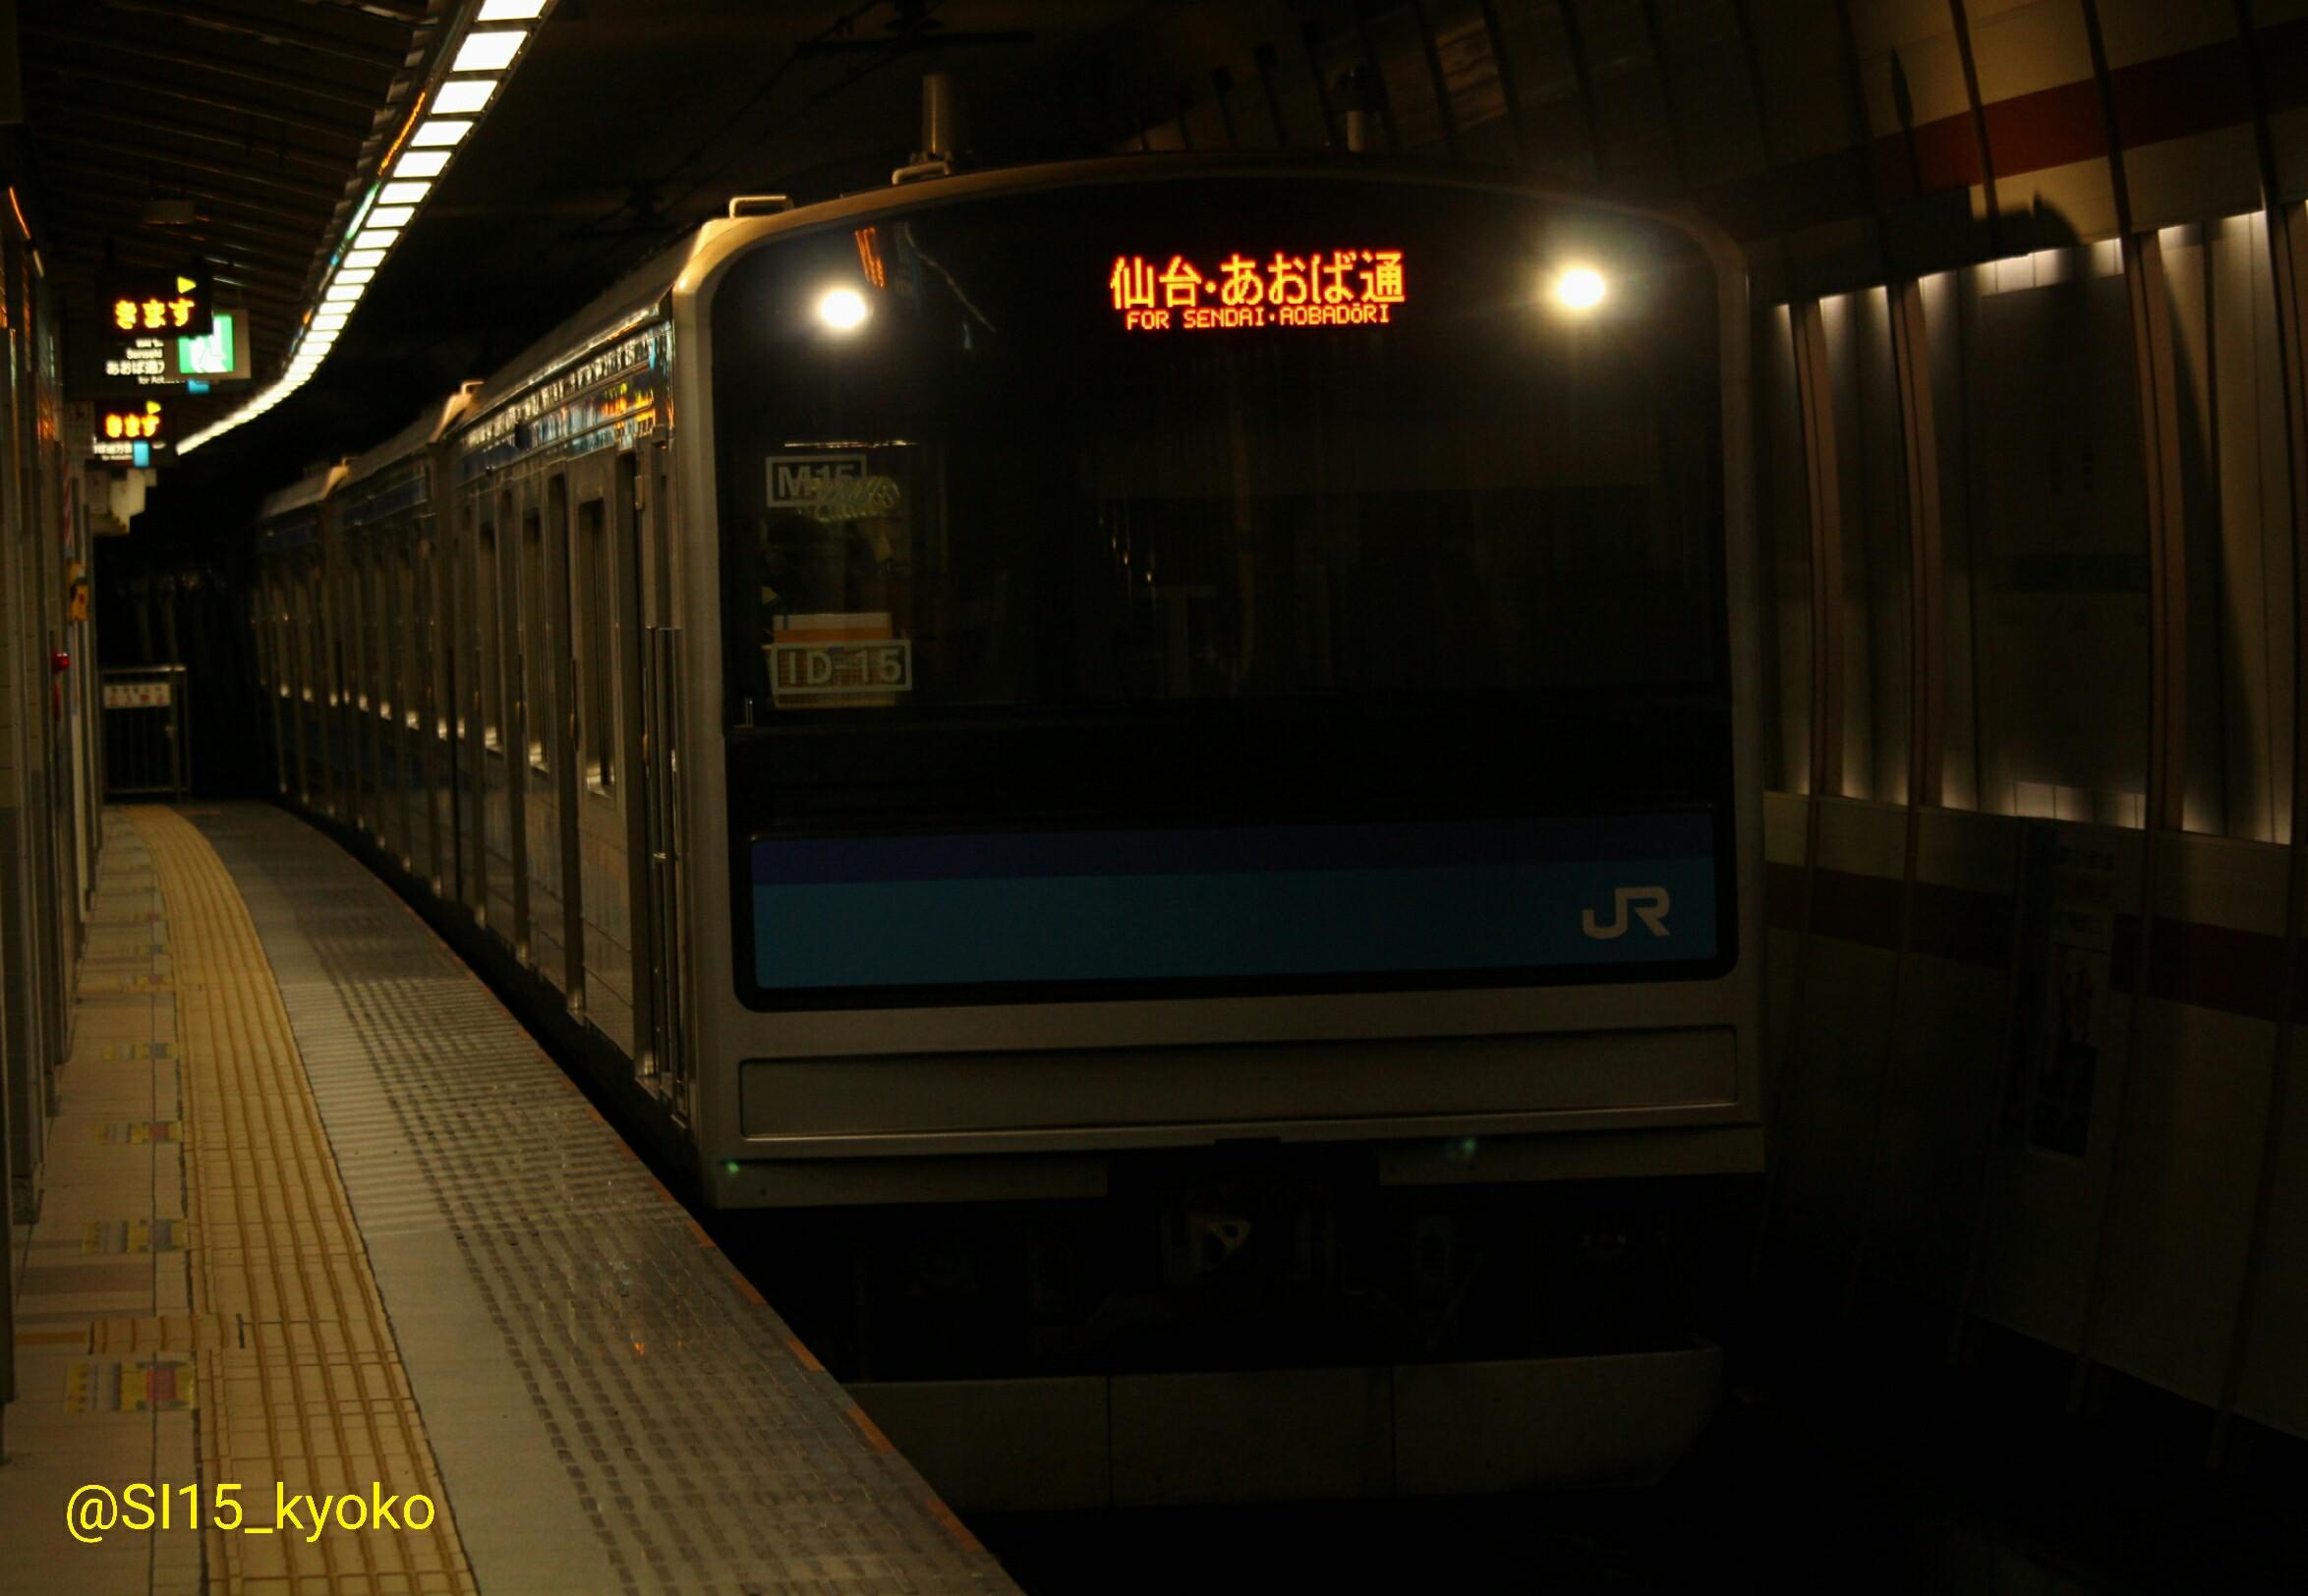 f:id:SI15_kyoko:20160330143127j:image